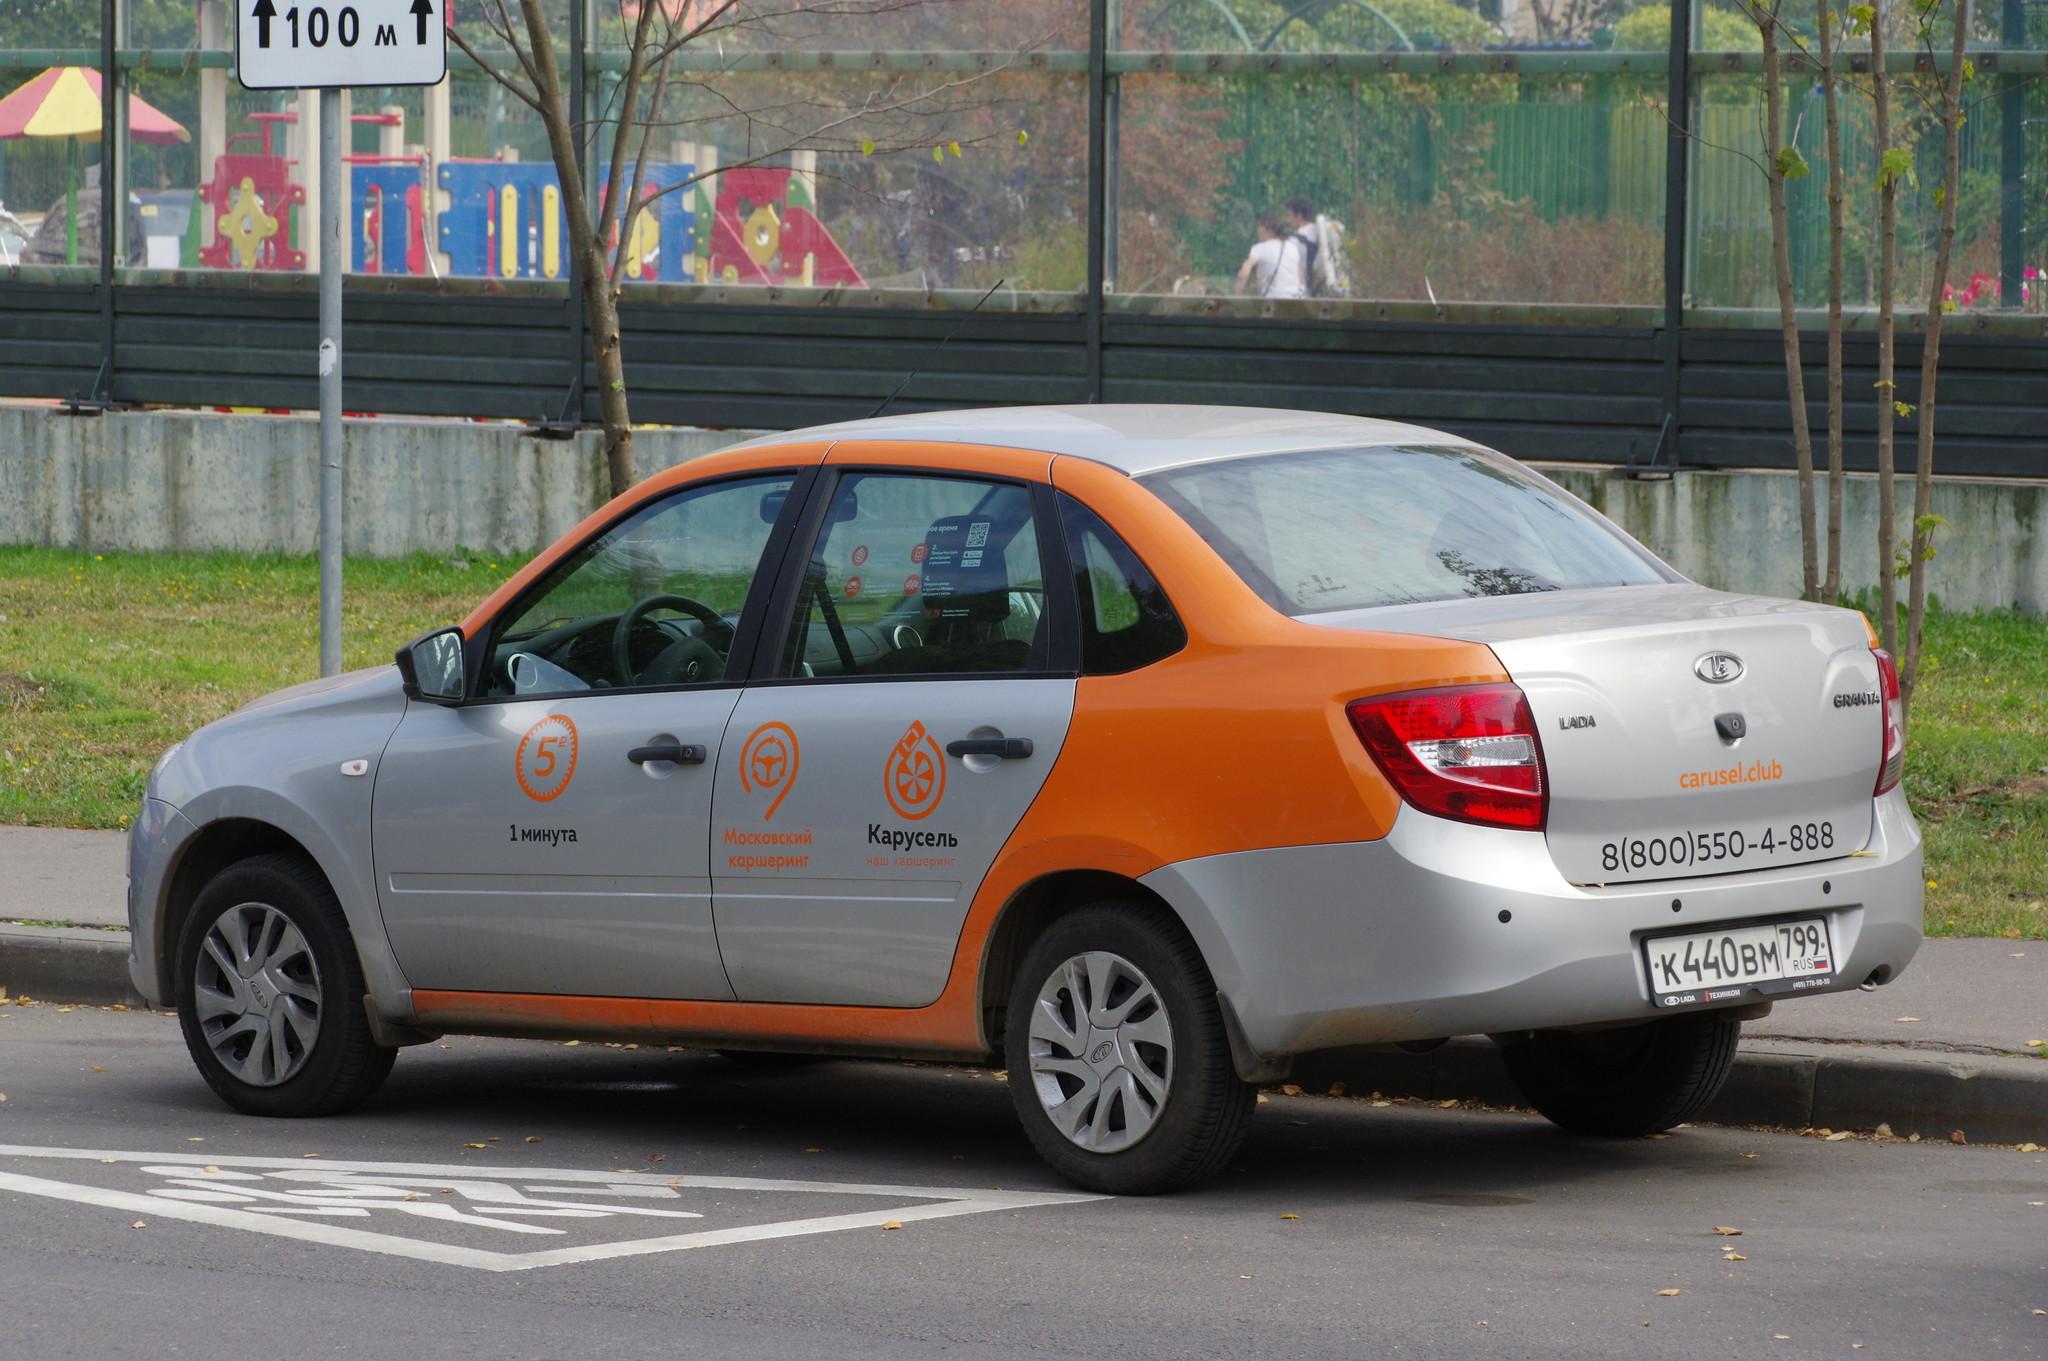 Автомобиль LADA Granta Московского крашенина на 9-ой Северной линии